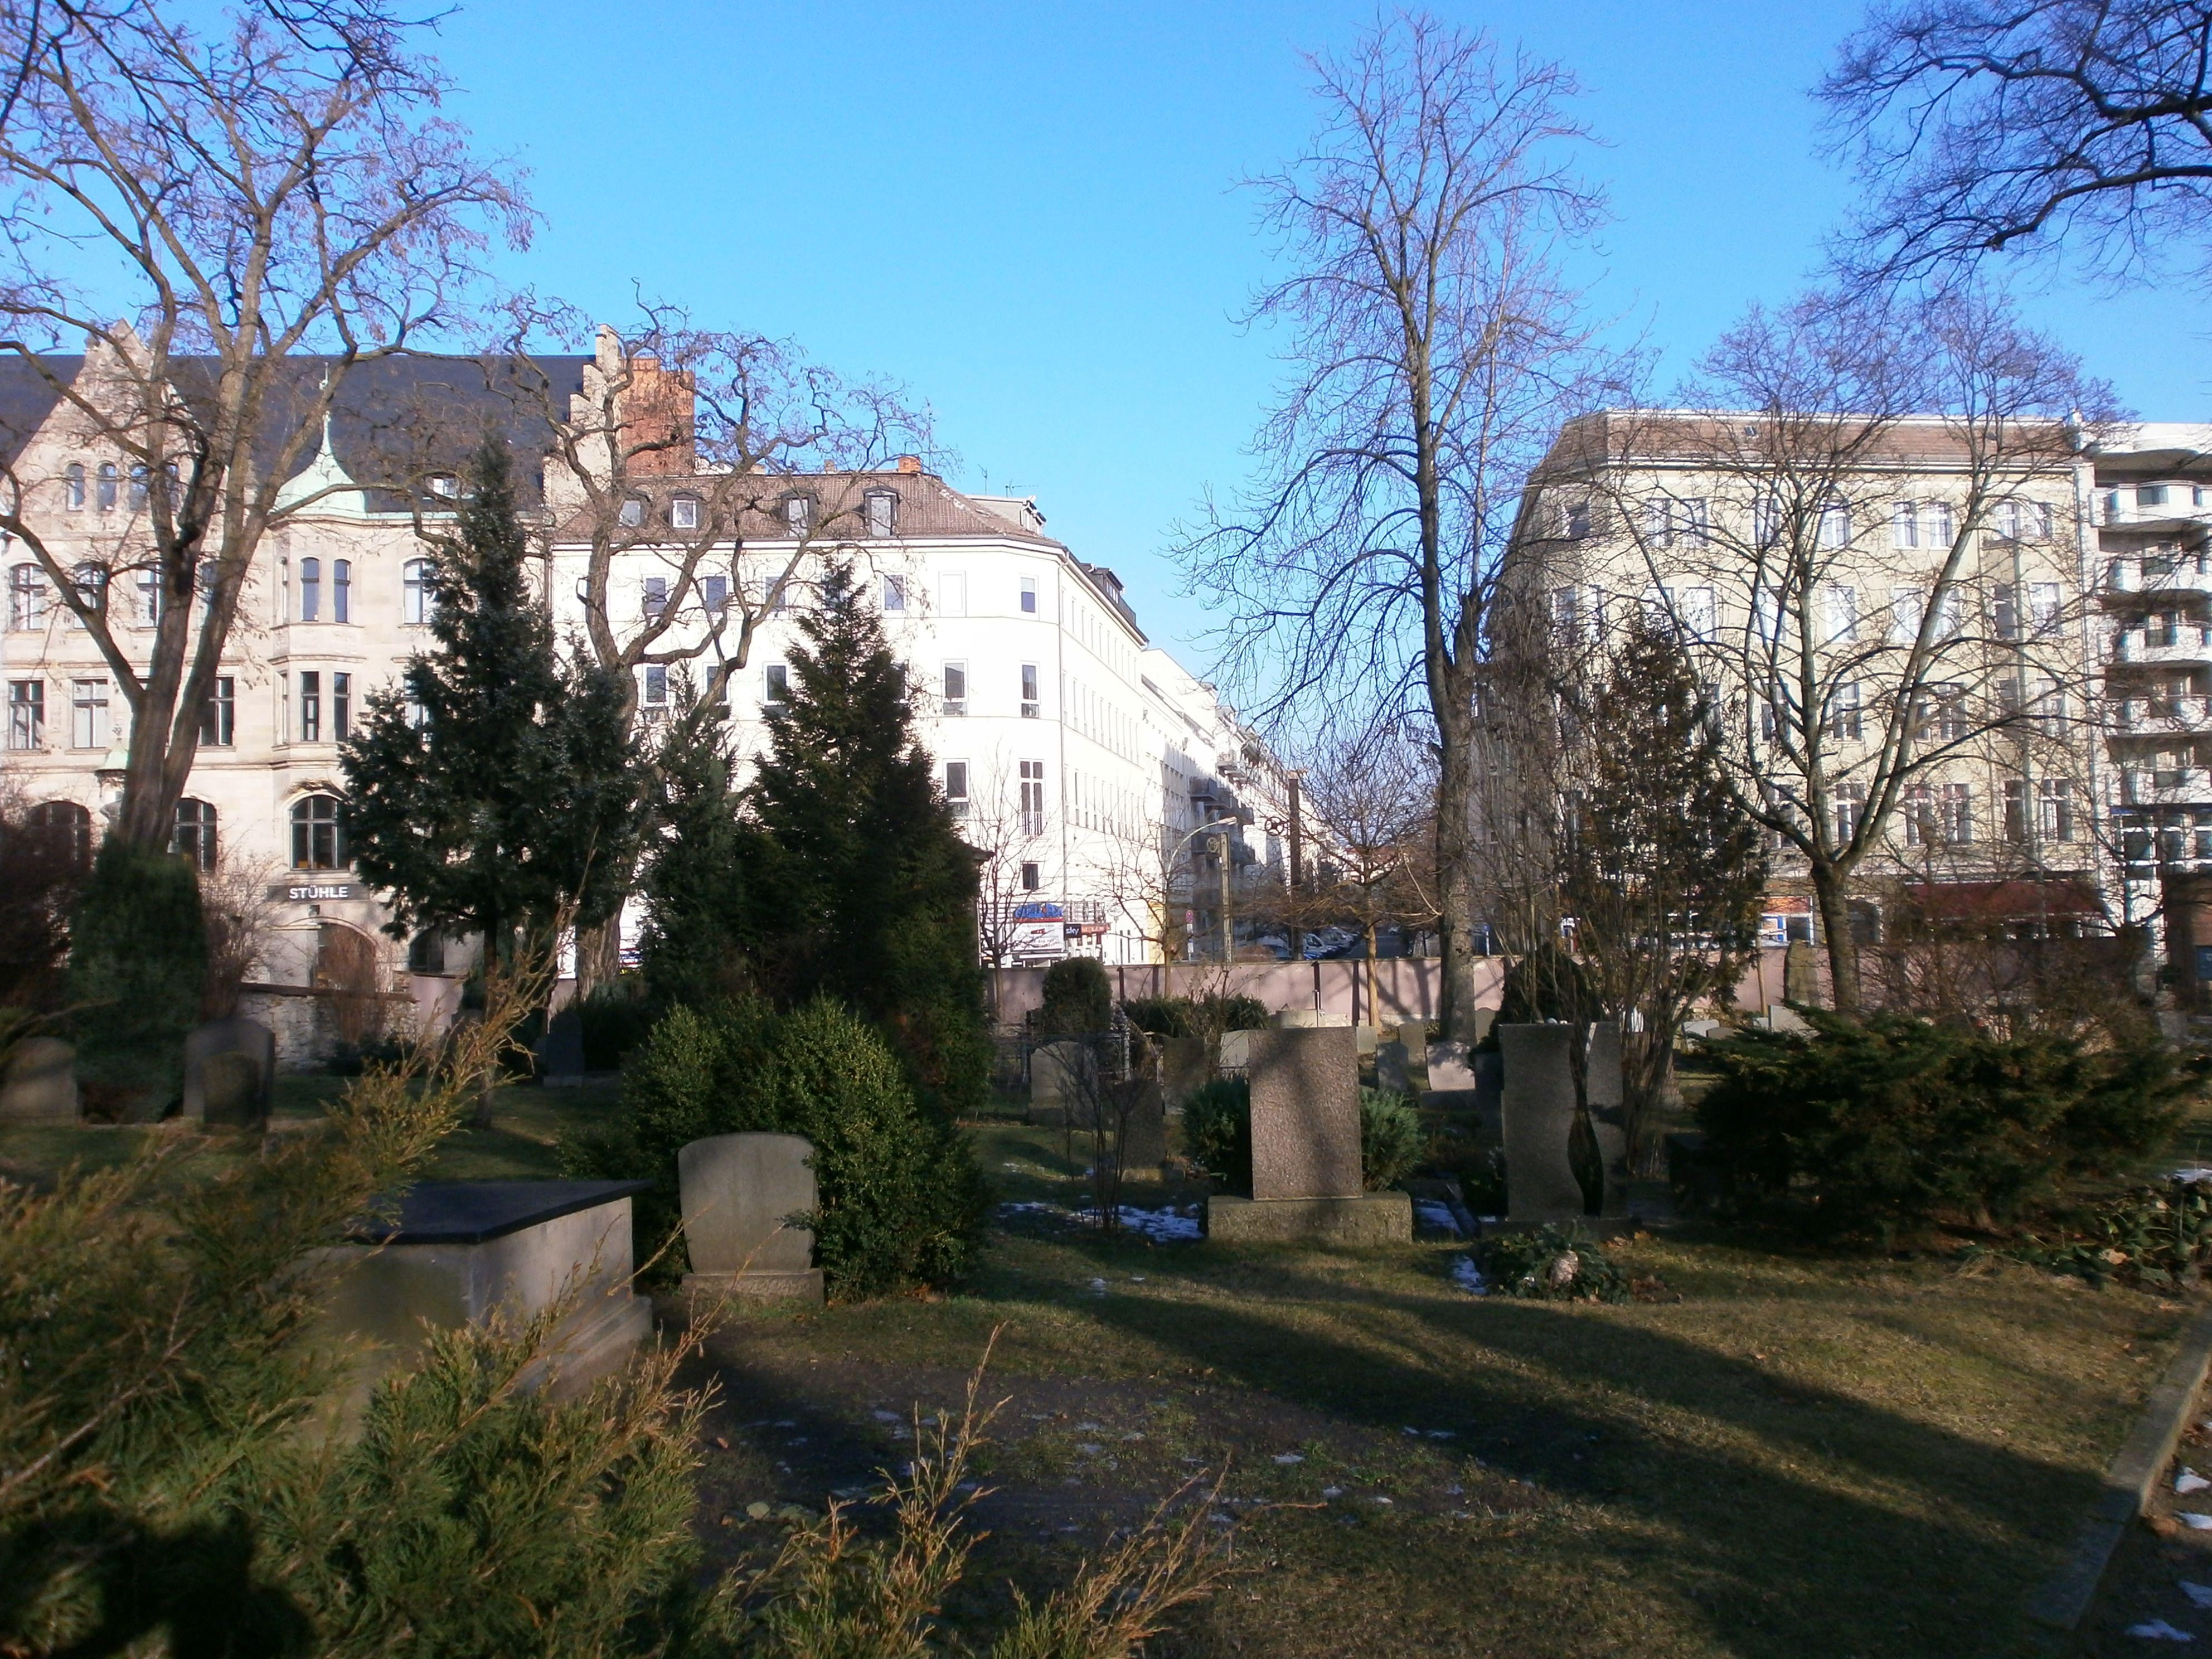 Dorotheenstädt. Friedhof Berlin-Mitte